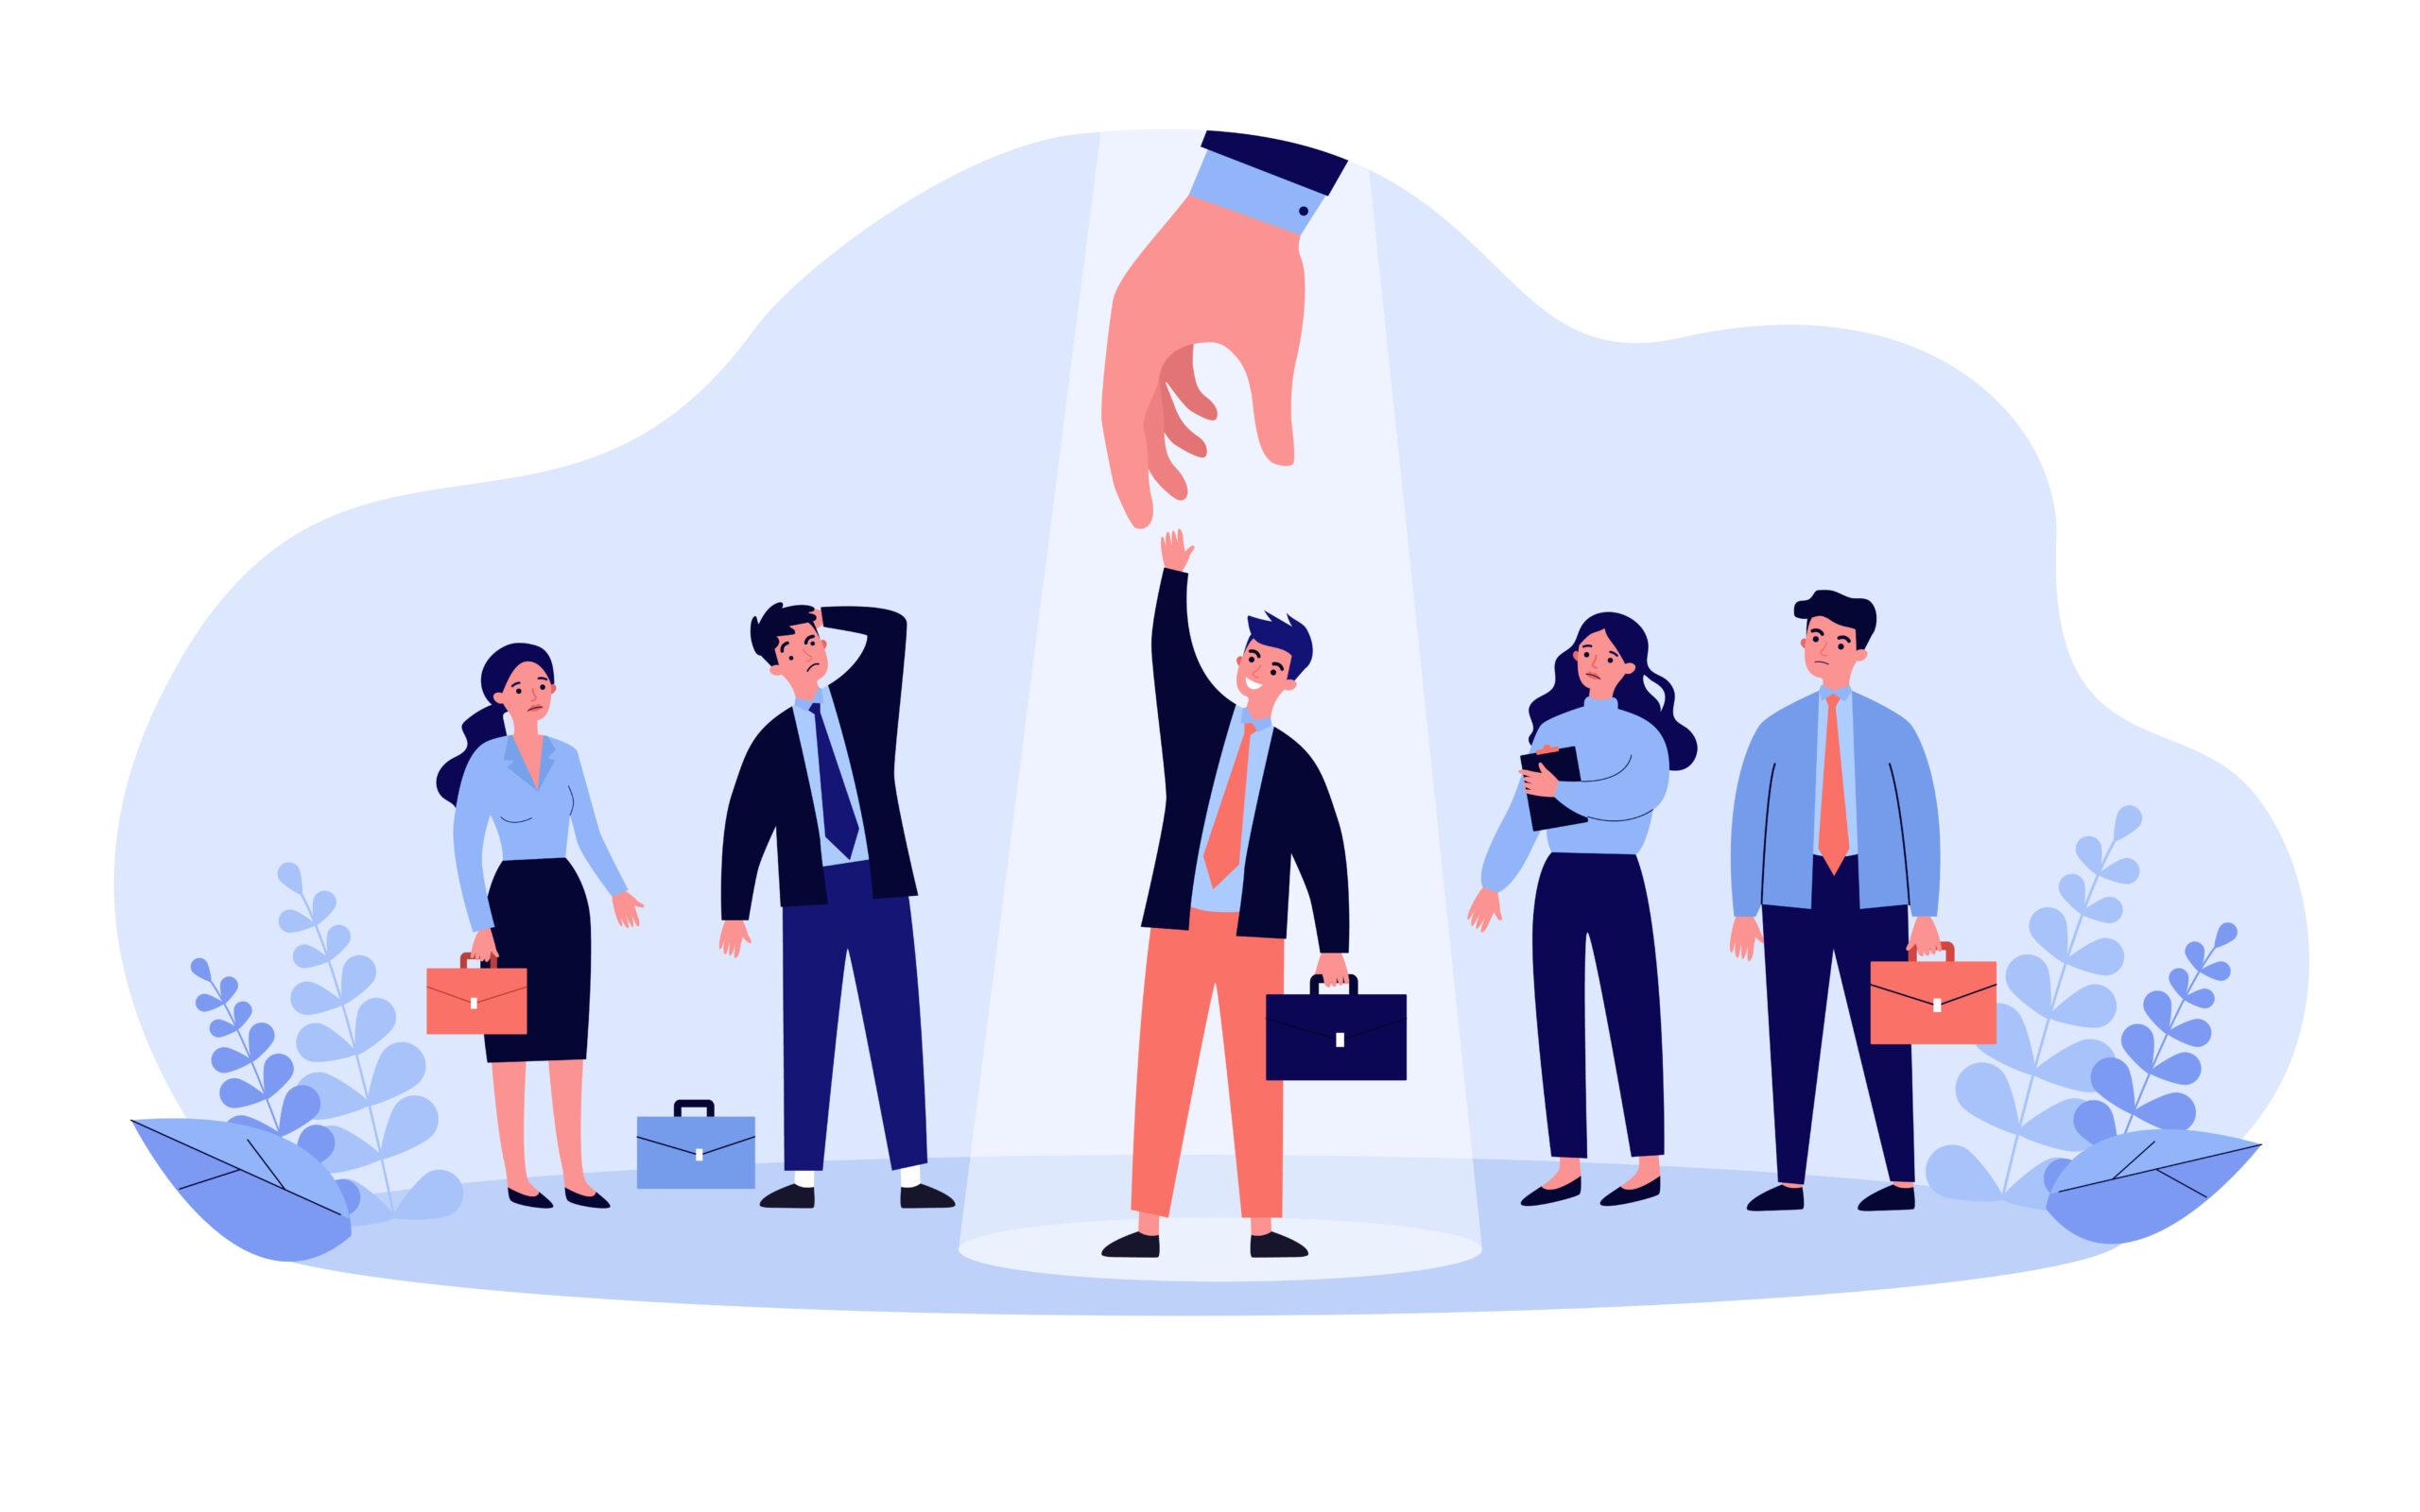 Mis rolli omab värbamine ettevõtte äristrateegias? 1